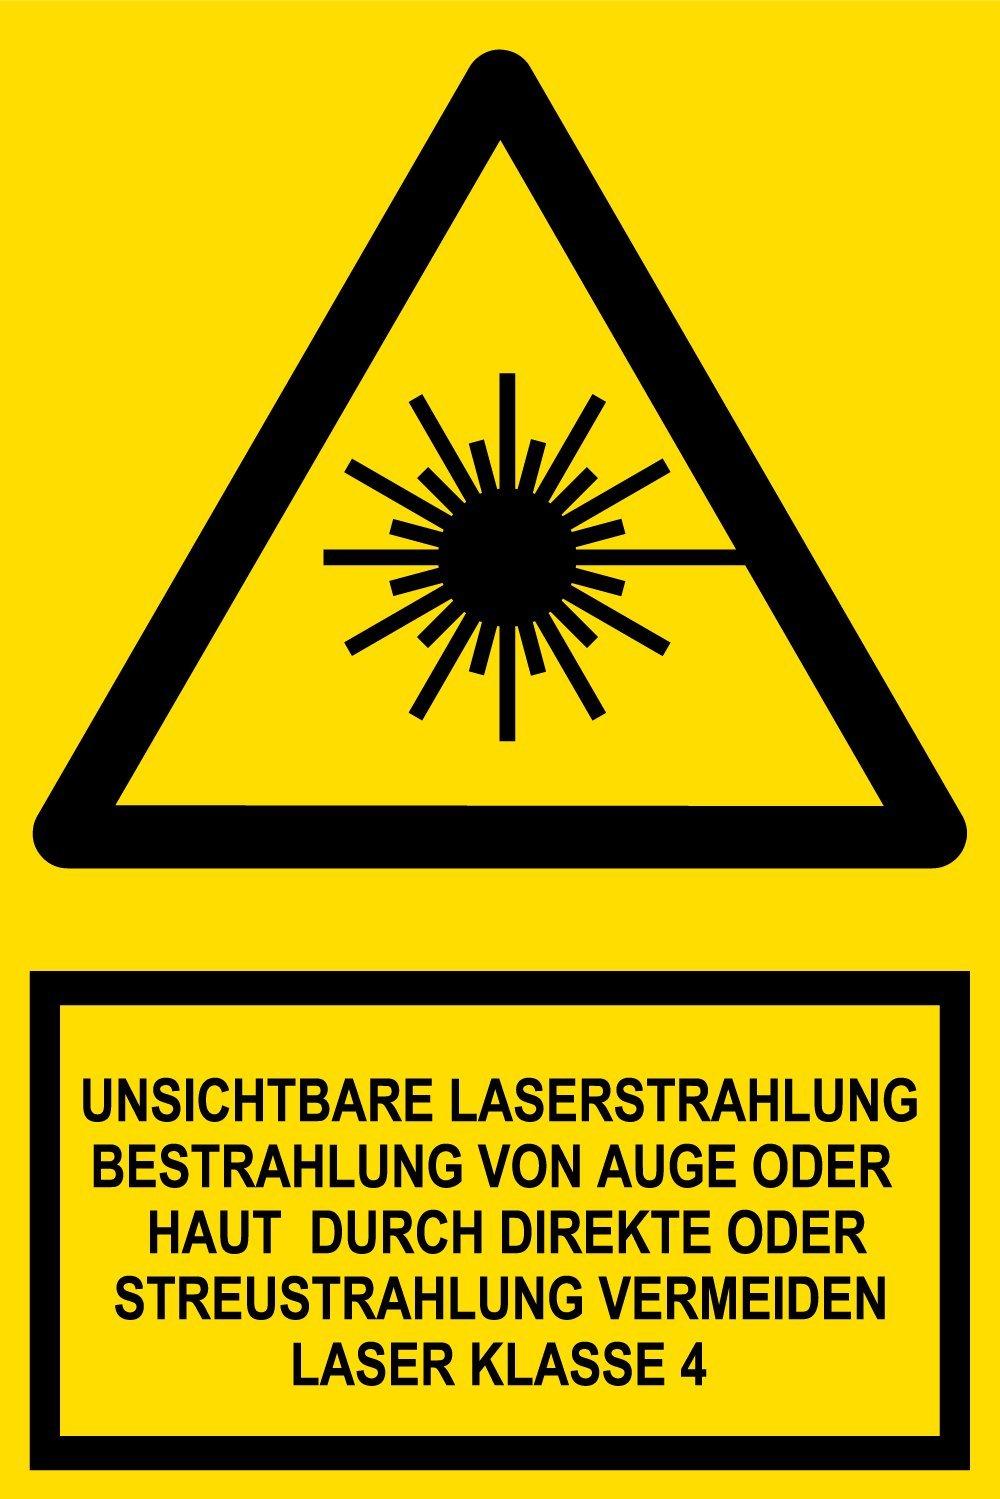 Warnschild aus Folie 20 x 30 cm Unsichtbare Laserstrahlung Bestrahlung von Auge oder Haut durch direkte oder Streustrahlung vermeiden Laser Klasse 4